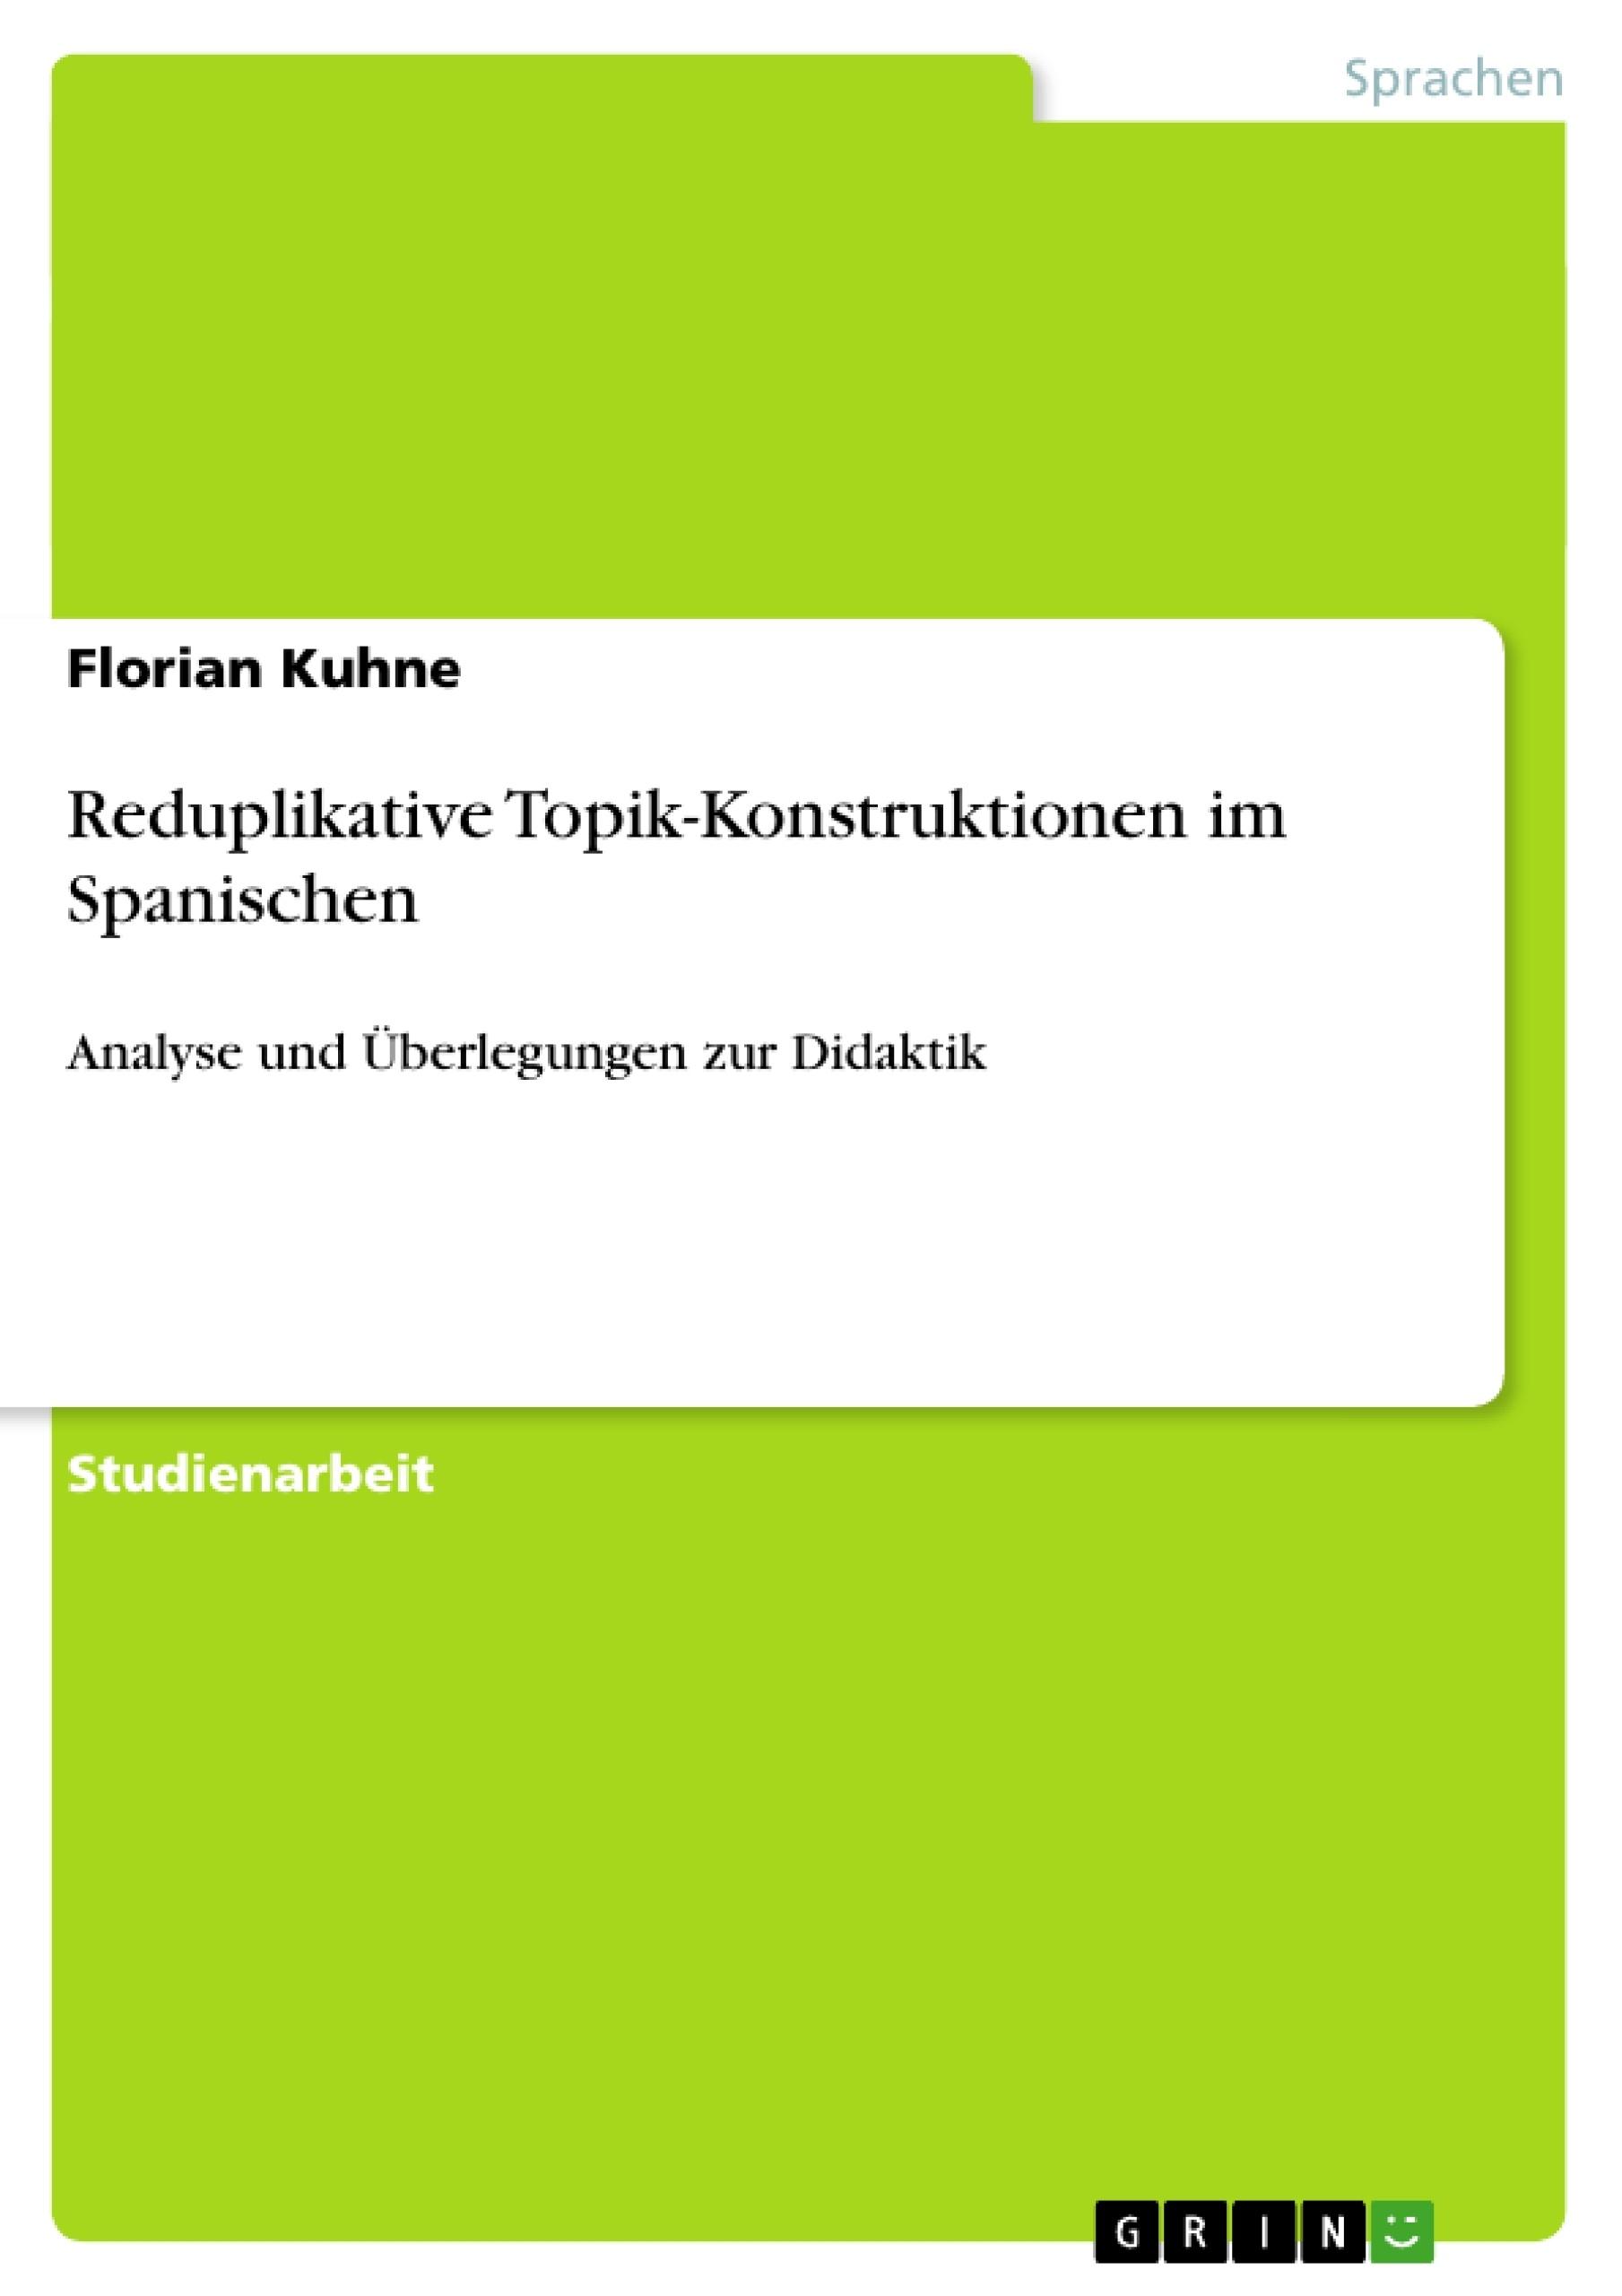 Titel: Reduplikative Topik-Konstruktionen im Spanischen